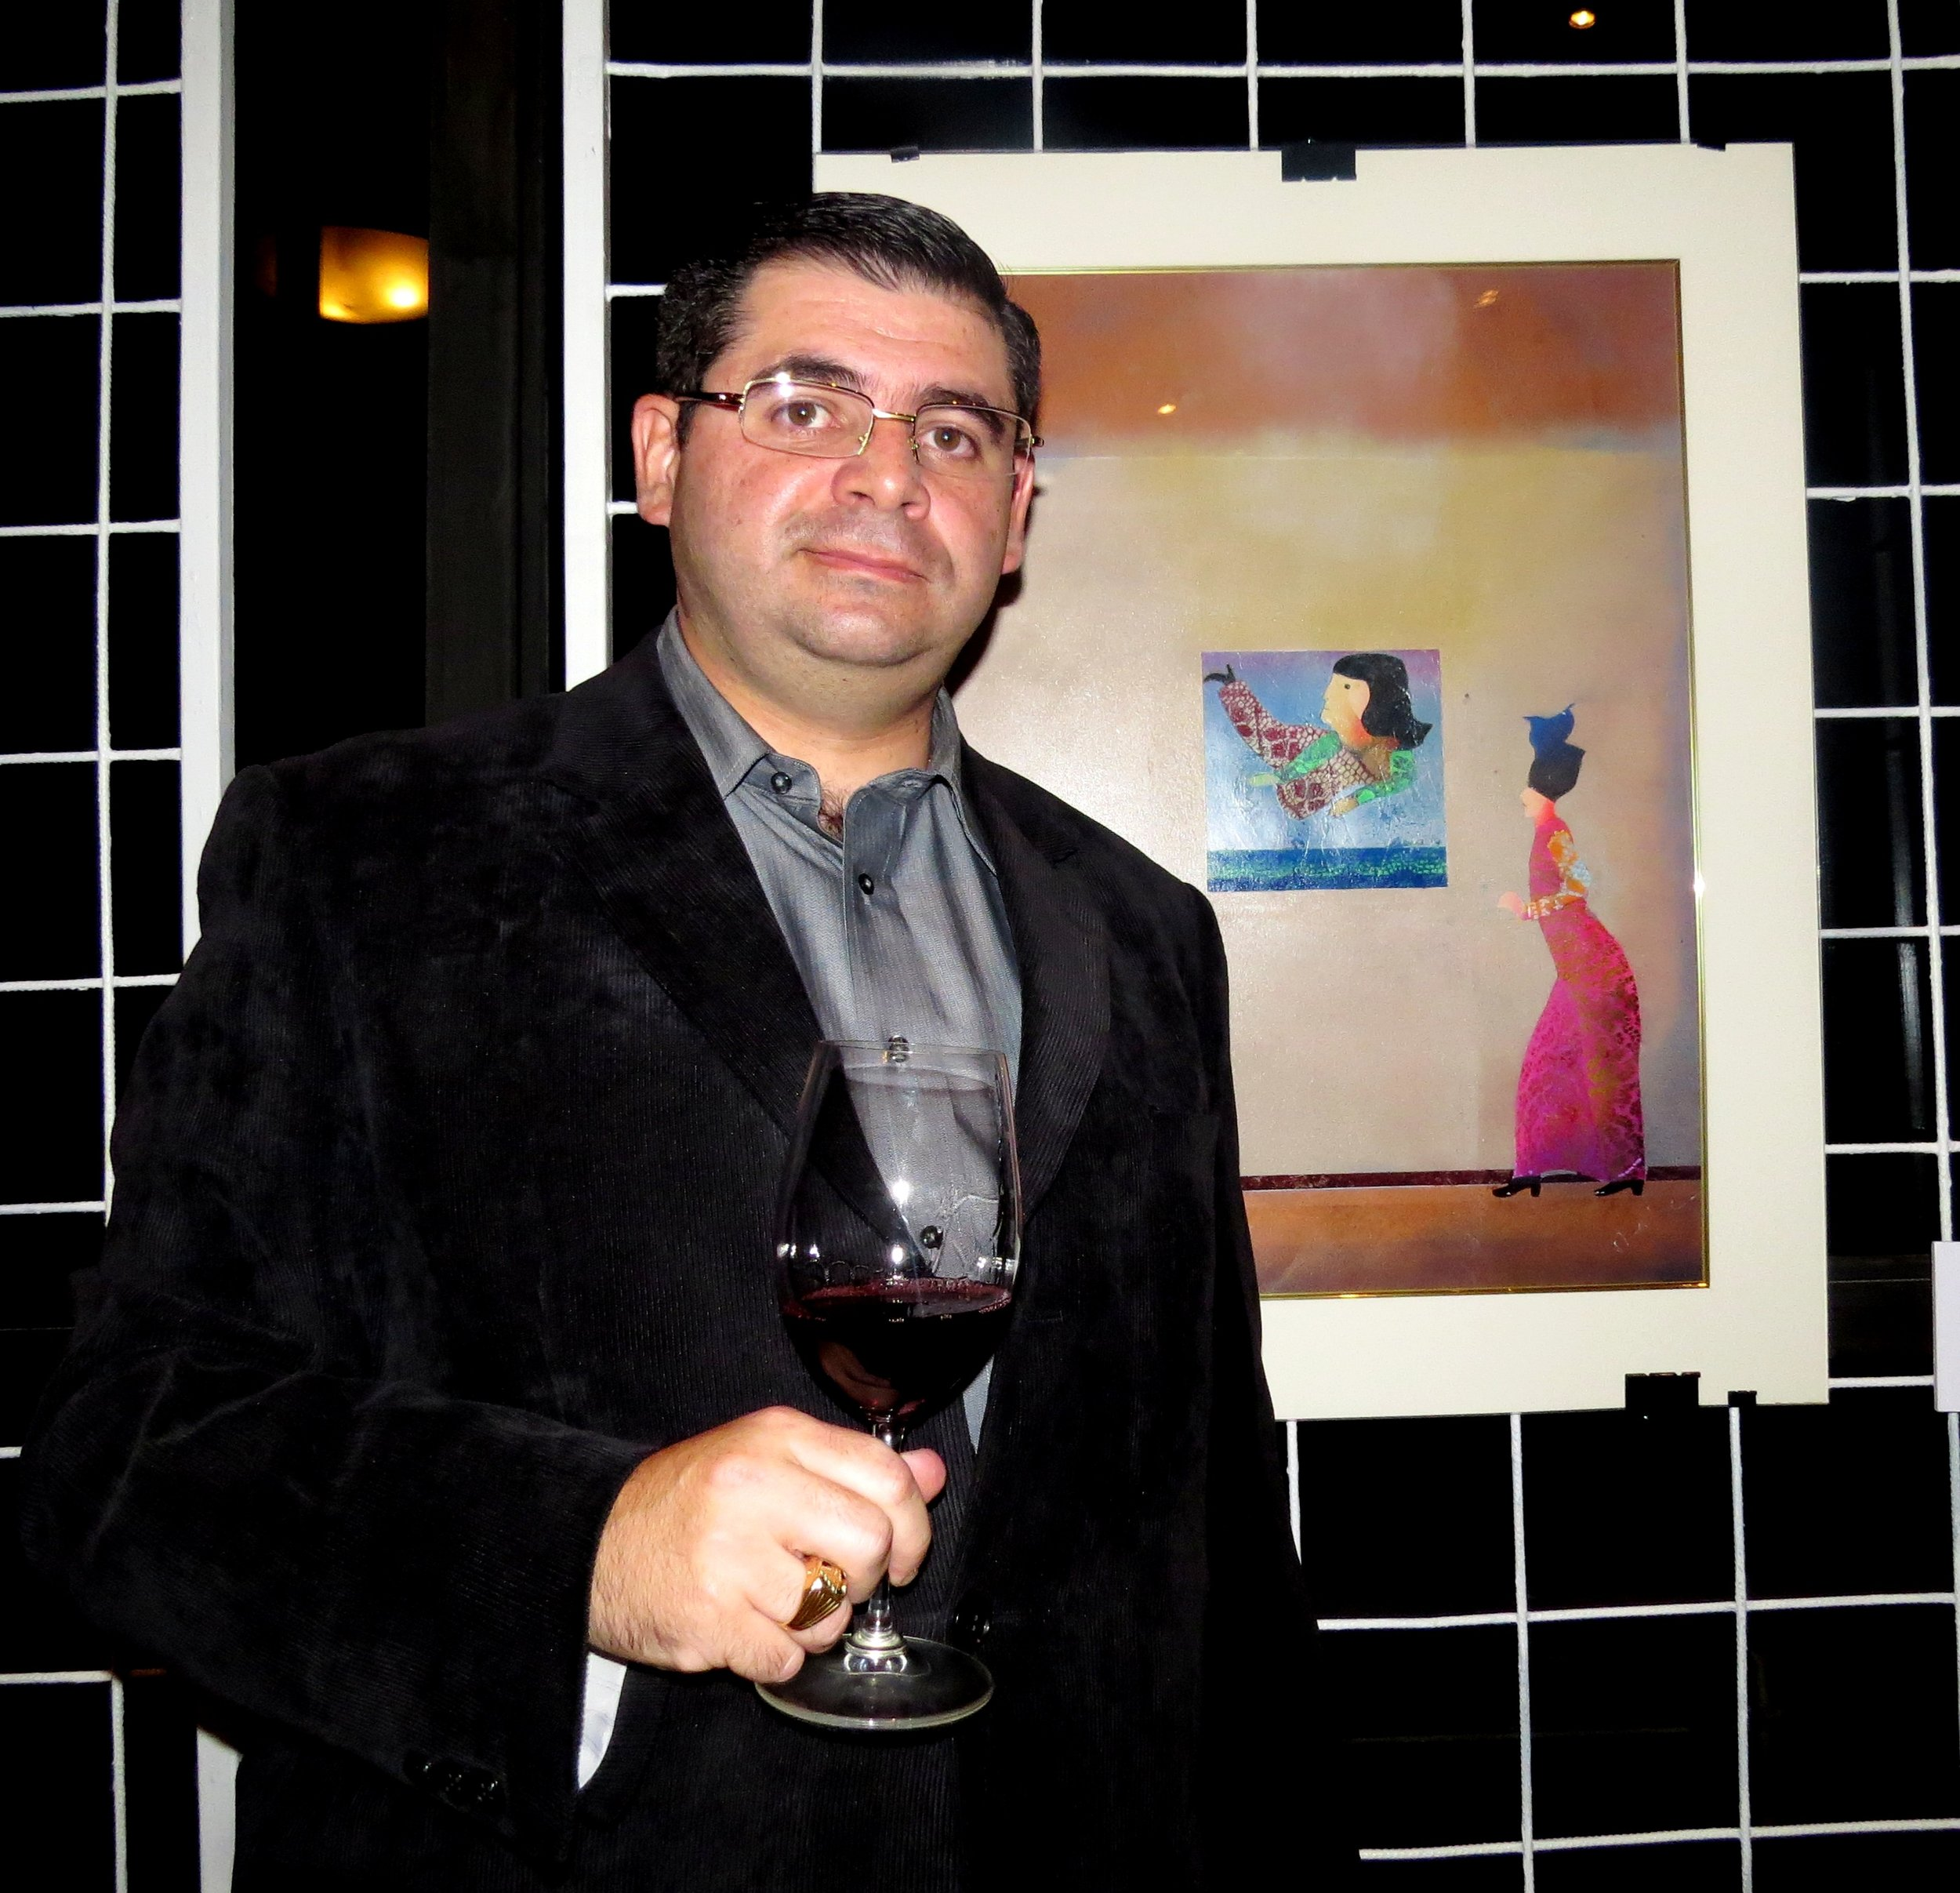 El propietario de VINVNMVNDI, Juan José Nassar, consideró que la combinación entre arte y vino sería muy interesante y es por esto y por su gusto por el arte de Rafa Fernández, que decidió incluir las obras del artista en el evento.